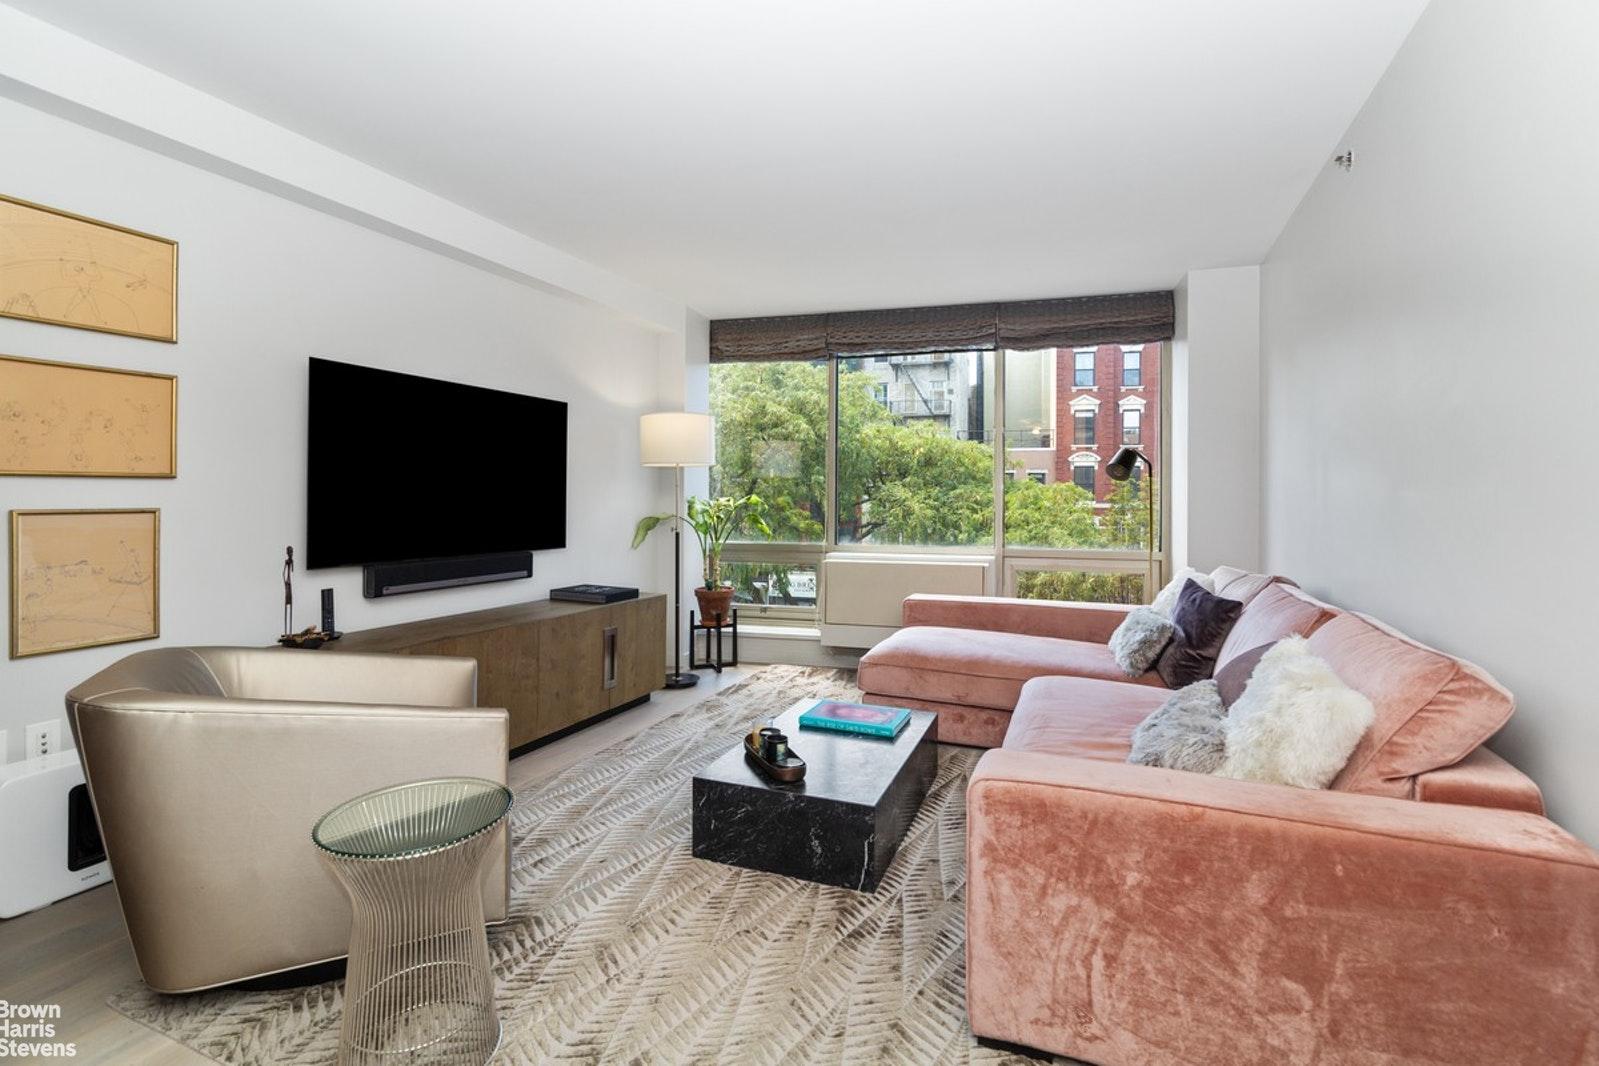 310 EAST HOUSTON STREET 3E, East Village, $1,585,000, Web #: 20361650